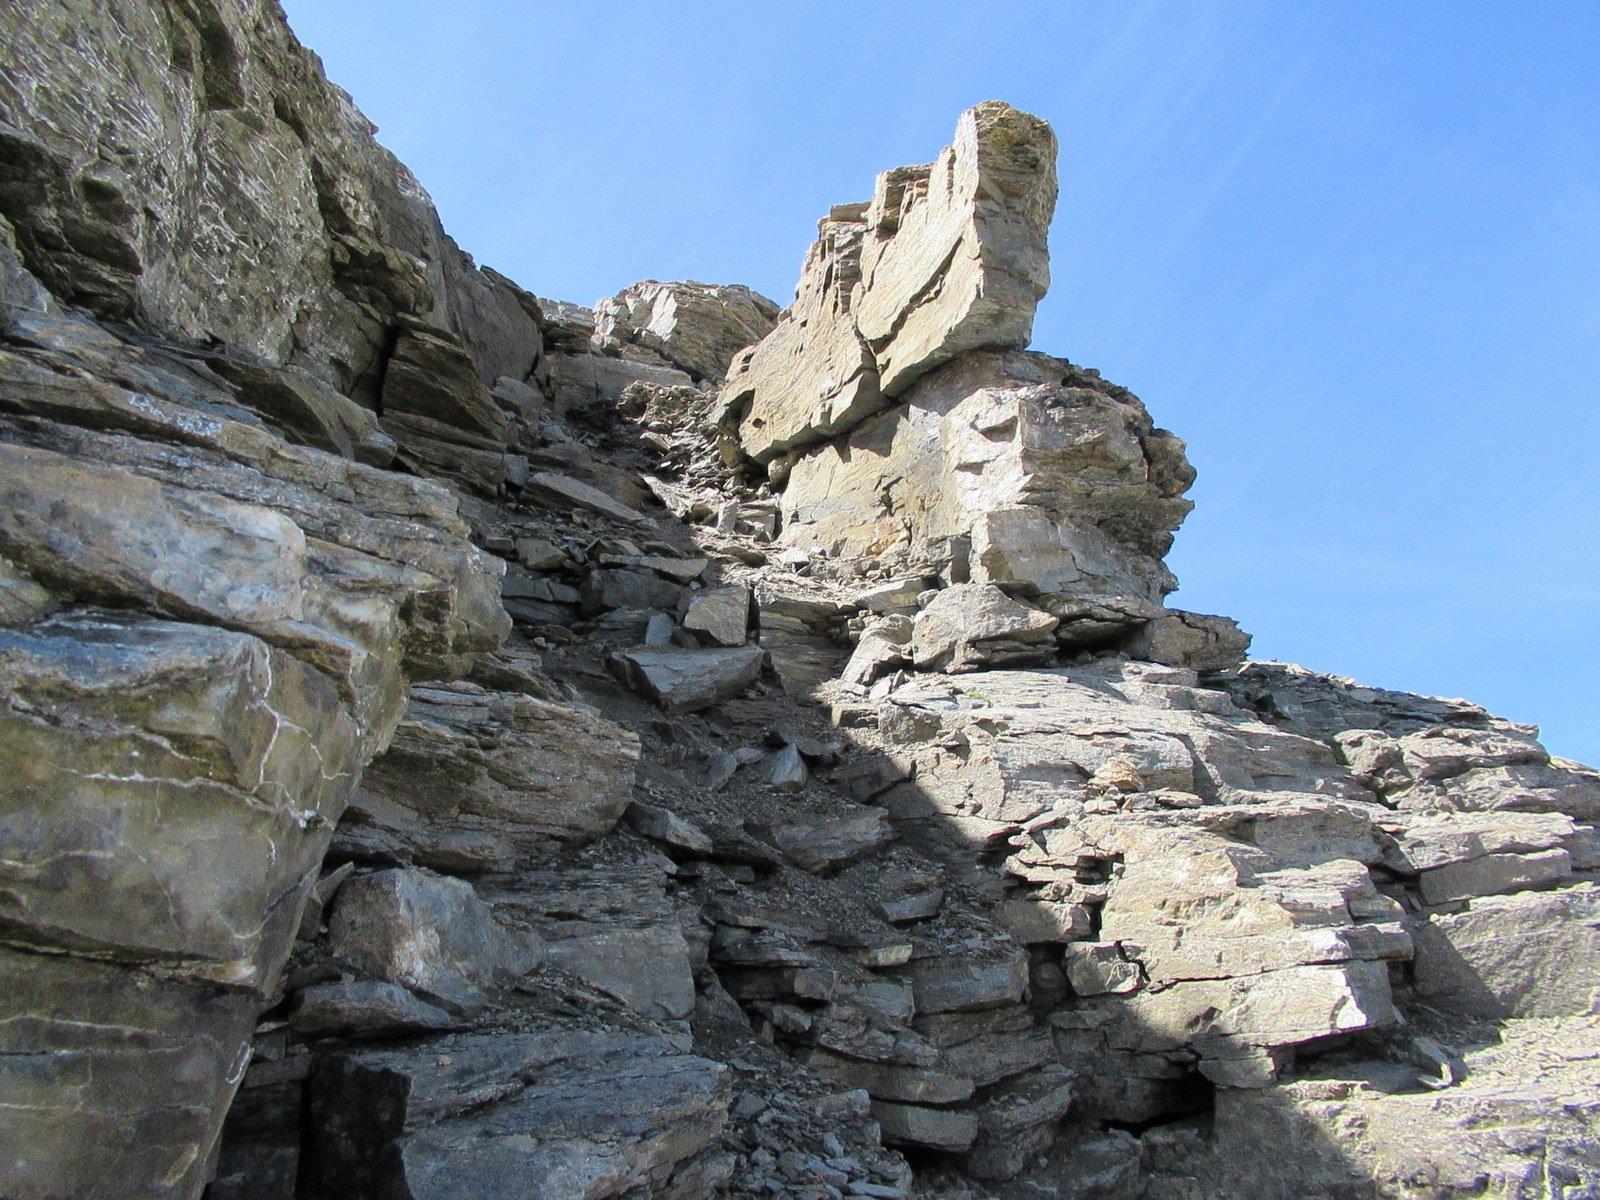 Il canalino sfasciumoso, siamo risaliti passando sulle prime rocce di destra